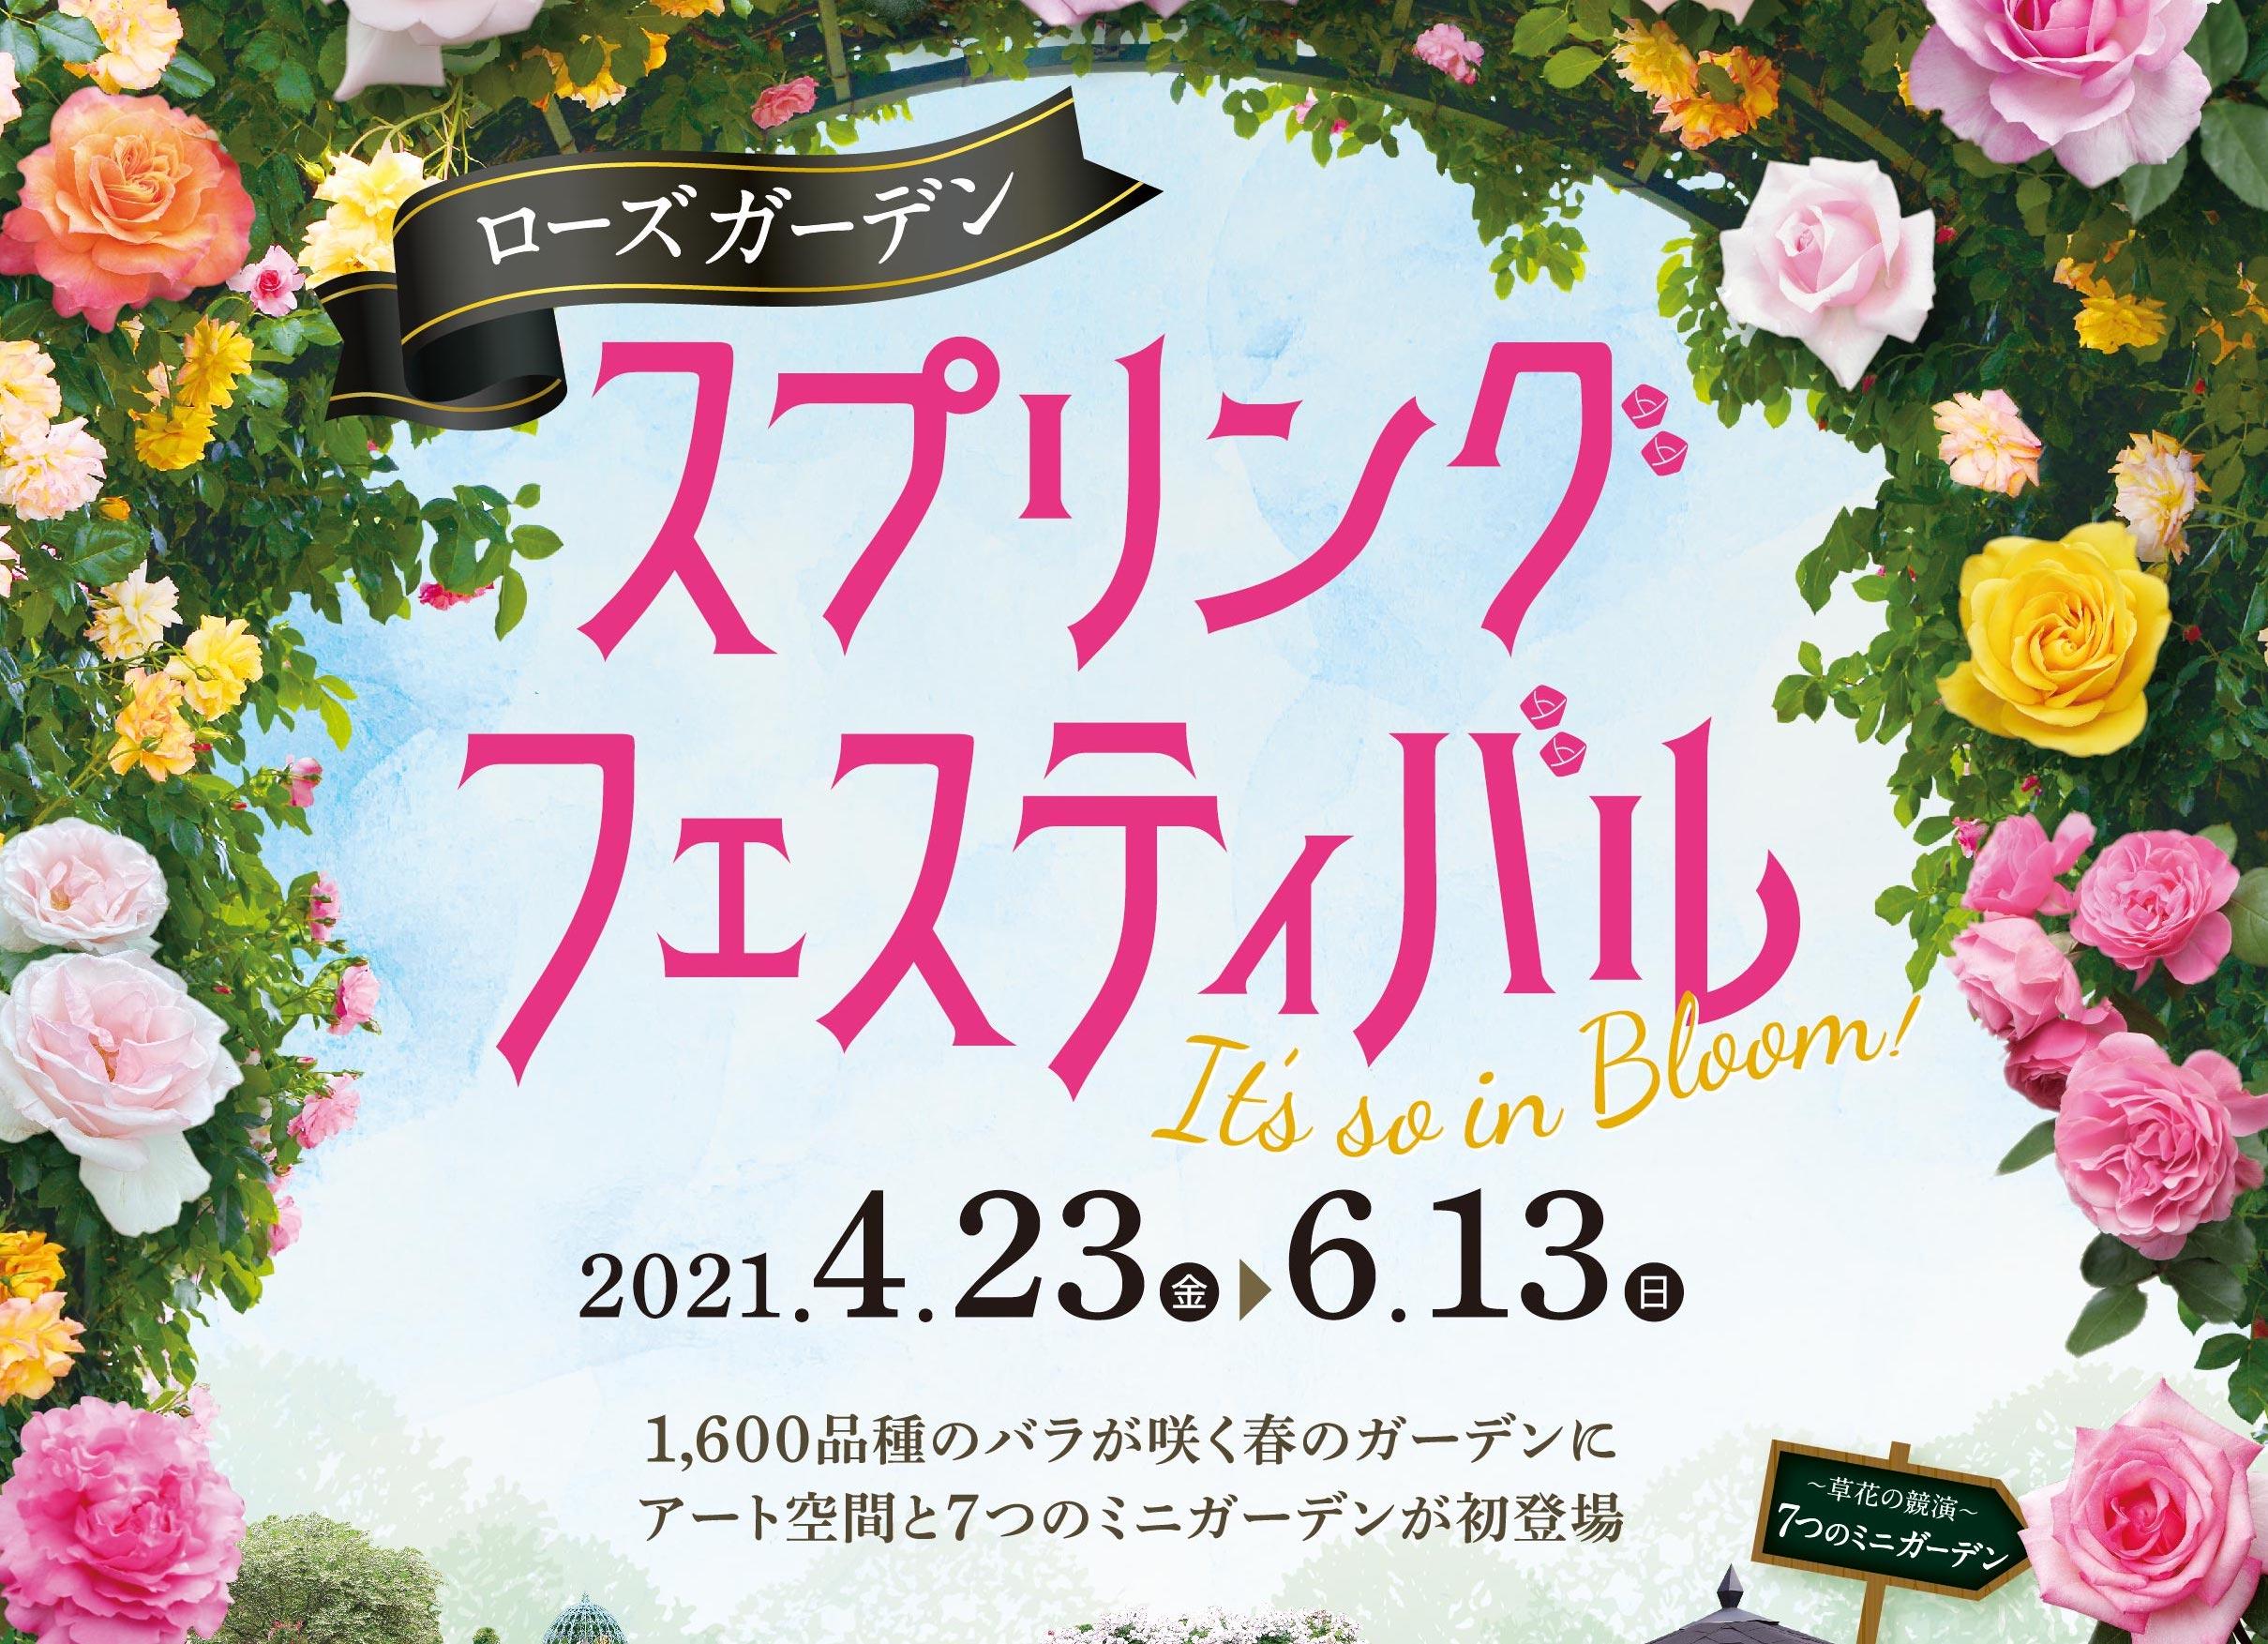 【ストリートピアノLIVE】スプリングフェスティバル@京成バラ園